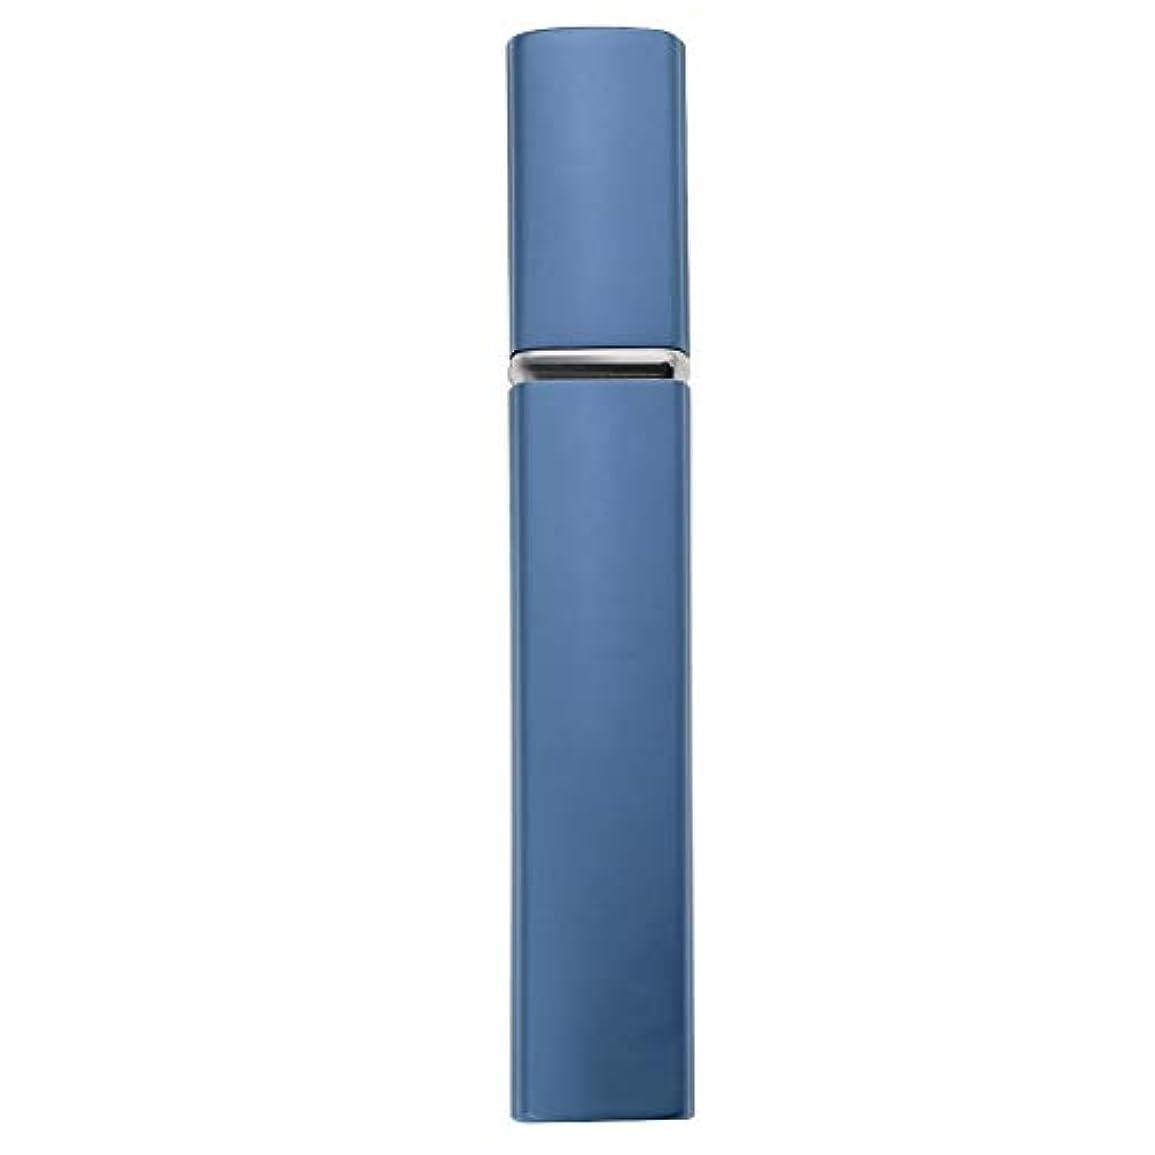 考古学者ライン逸話旅行携帯用 軽量 詰め替え 10ml 香水瓶 噴霧器 化粧水用瓶 ボトル アトマイザー スプレー ケース 6色(01#)